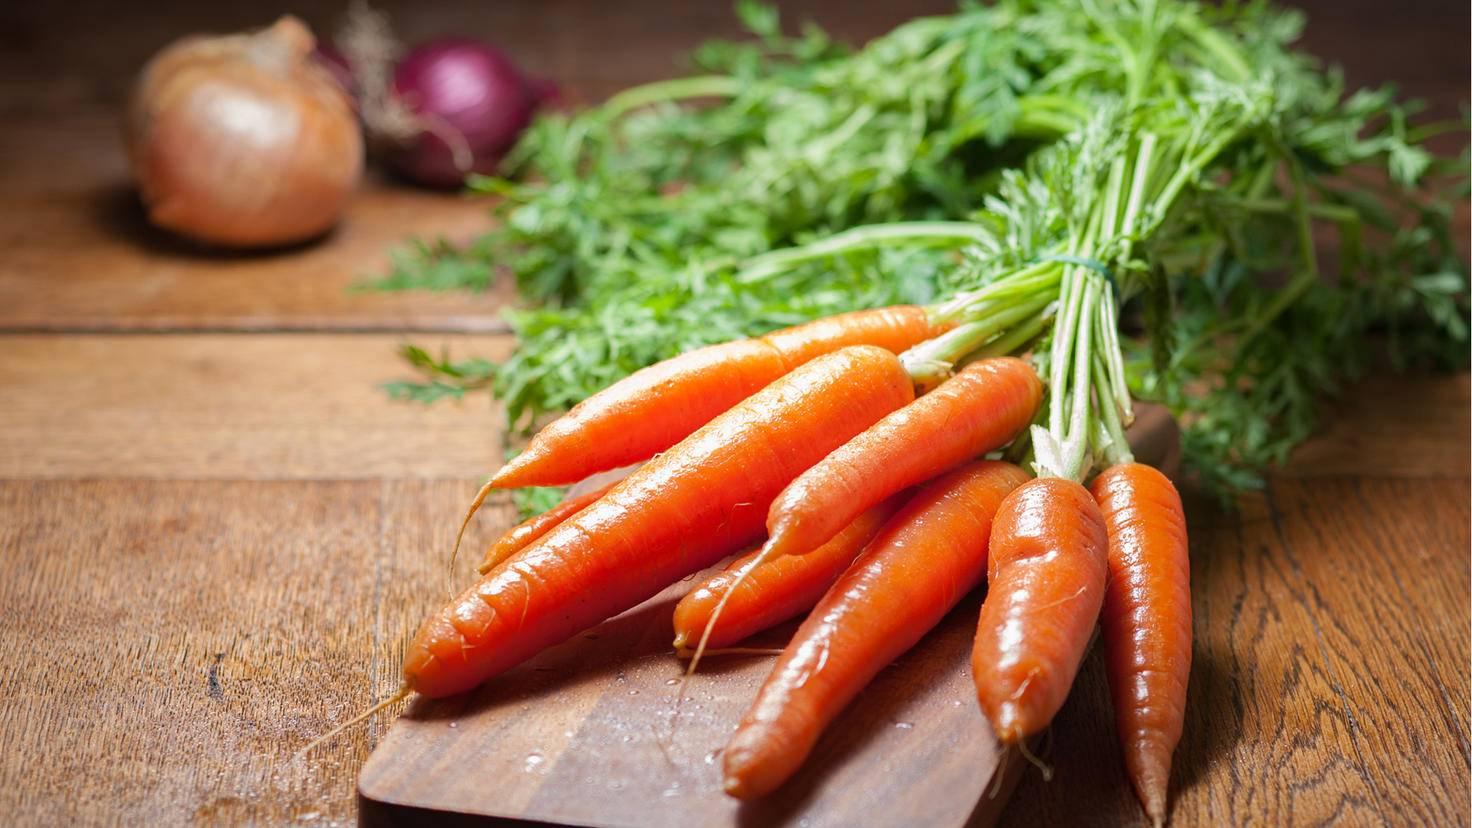 Karotten sind eine leckere Knabberei für zwischendurch und enthalten zudem viel Vitamin A.